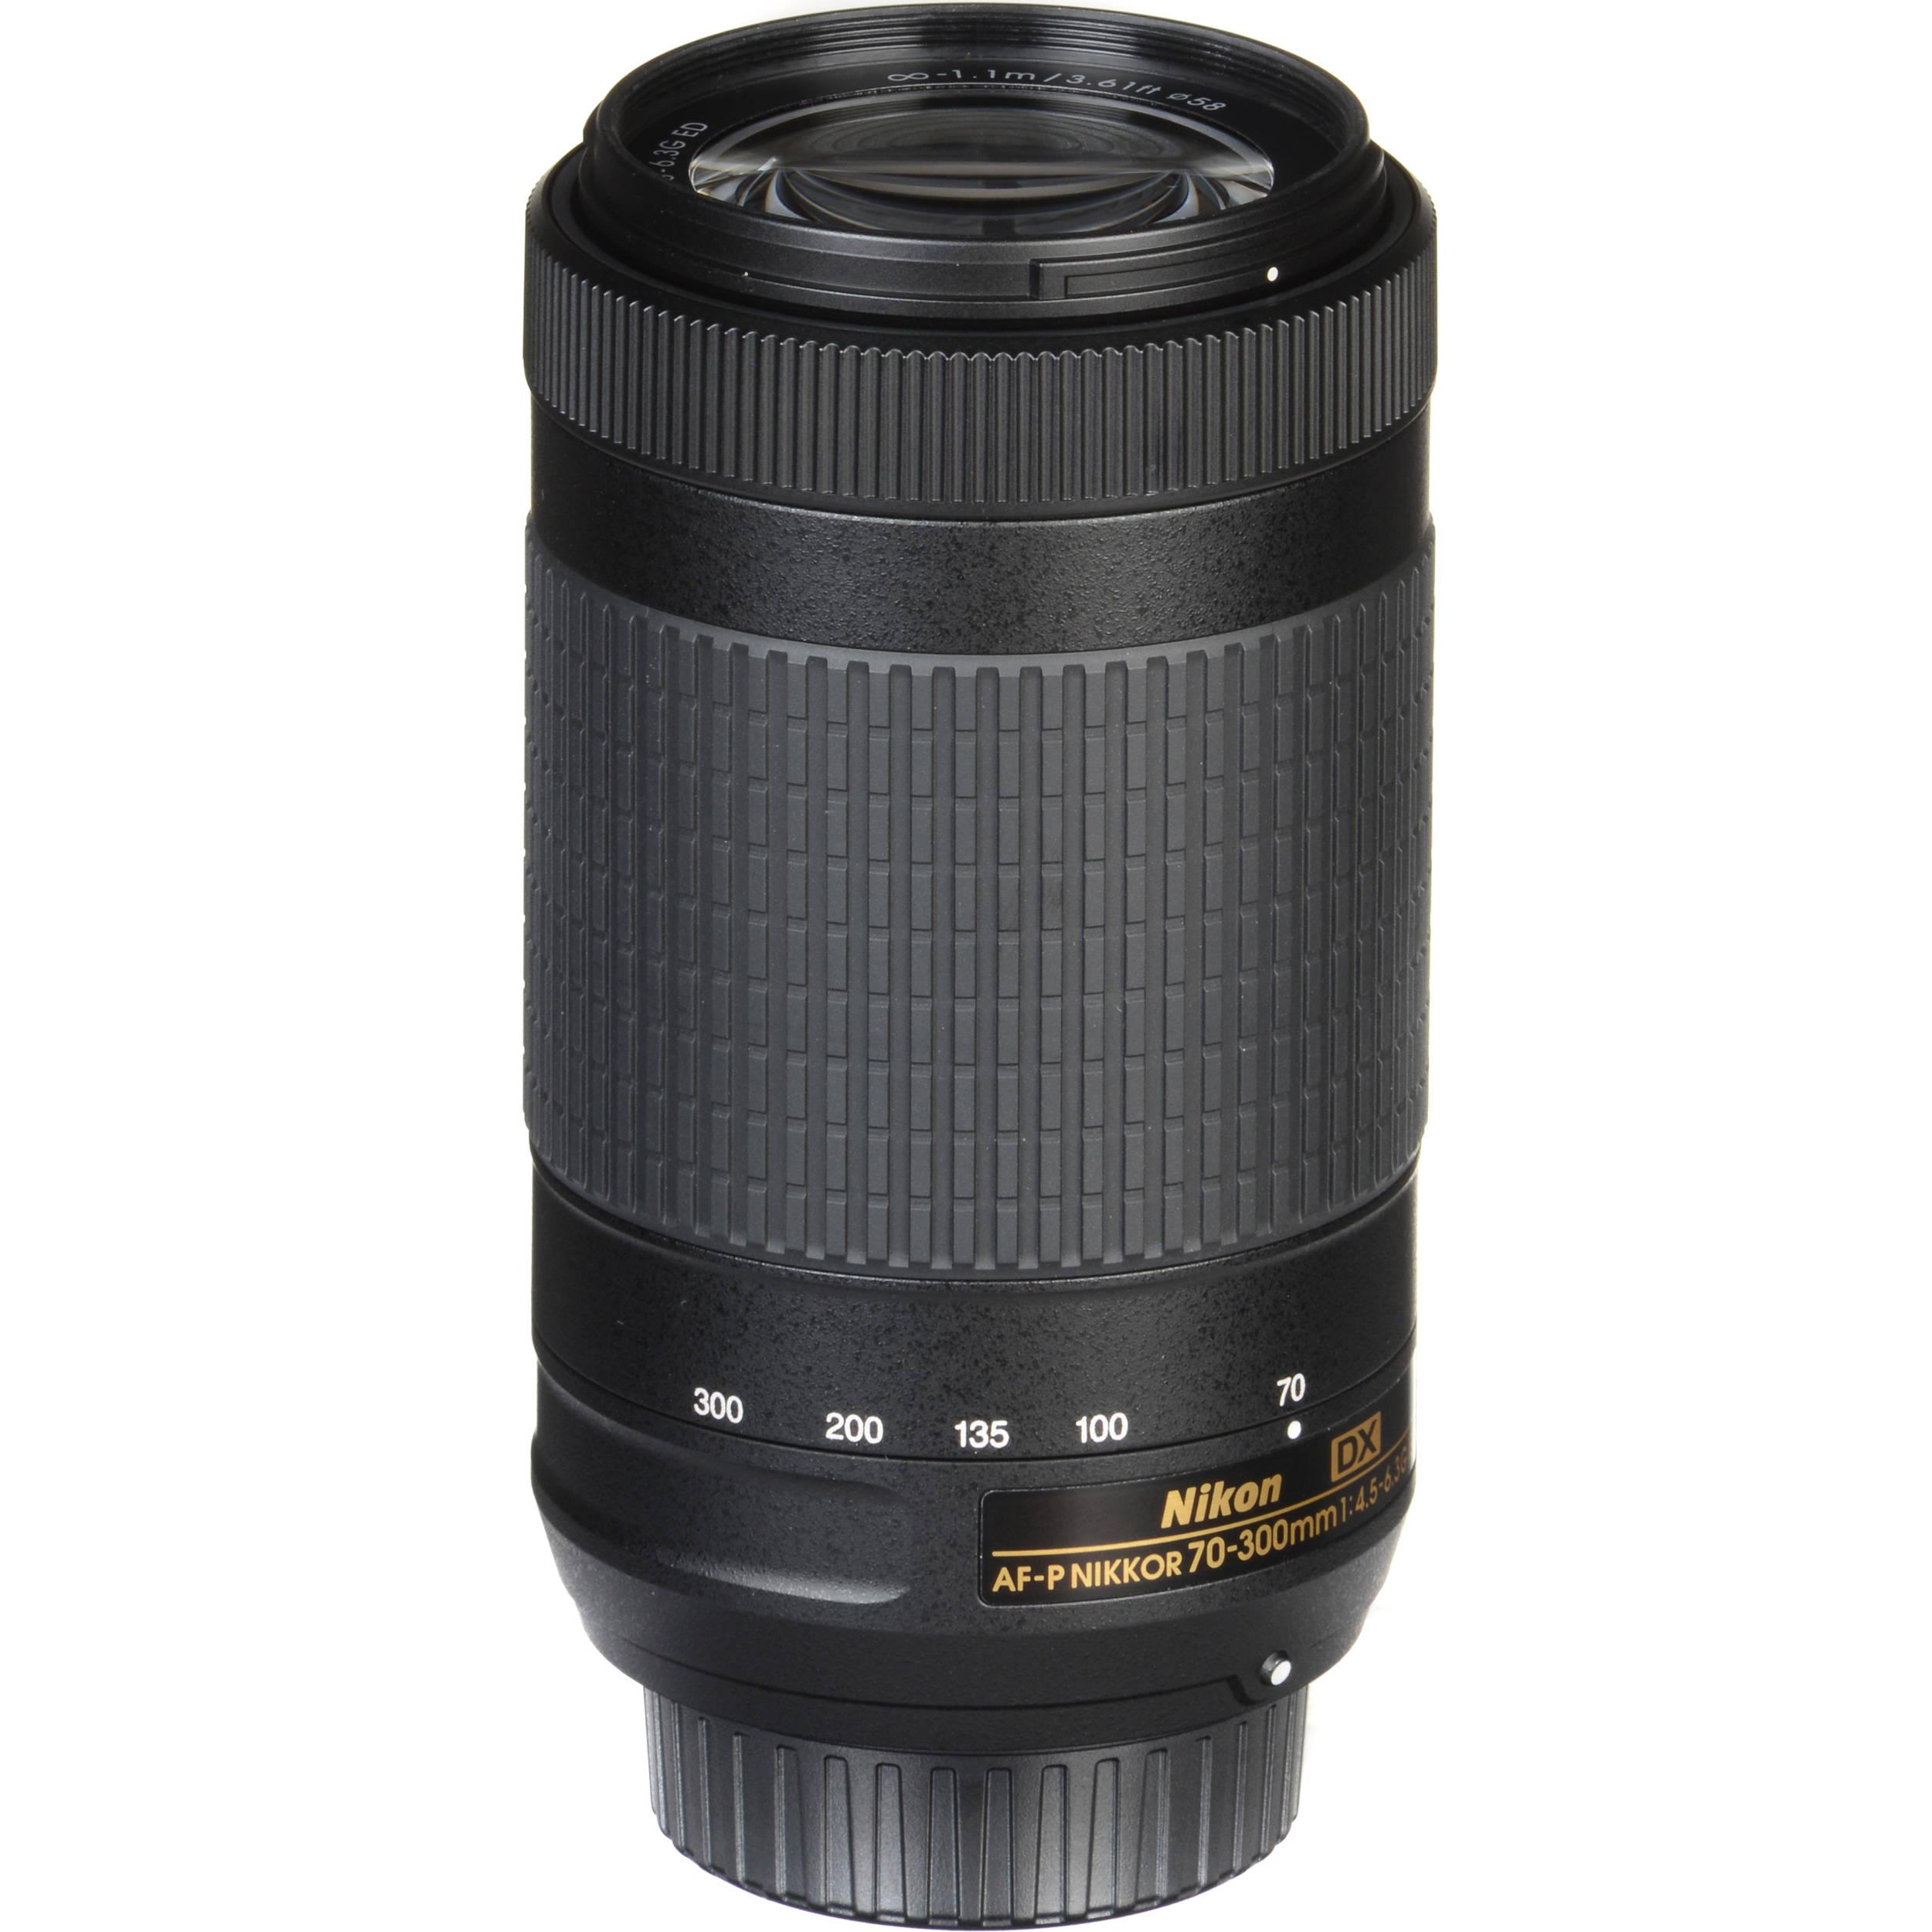 Nikon AF-P DX NIKKOR 70-300mm f/4 5-6 3G ED Lens